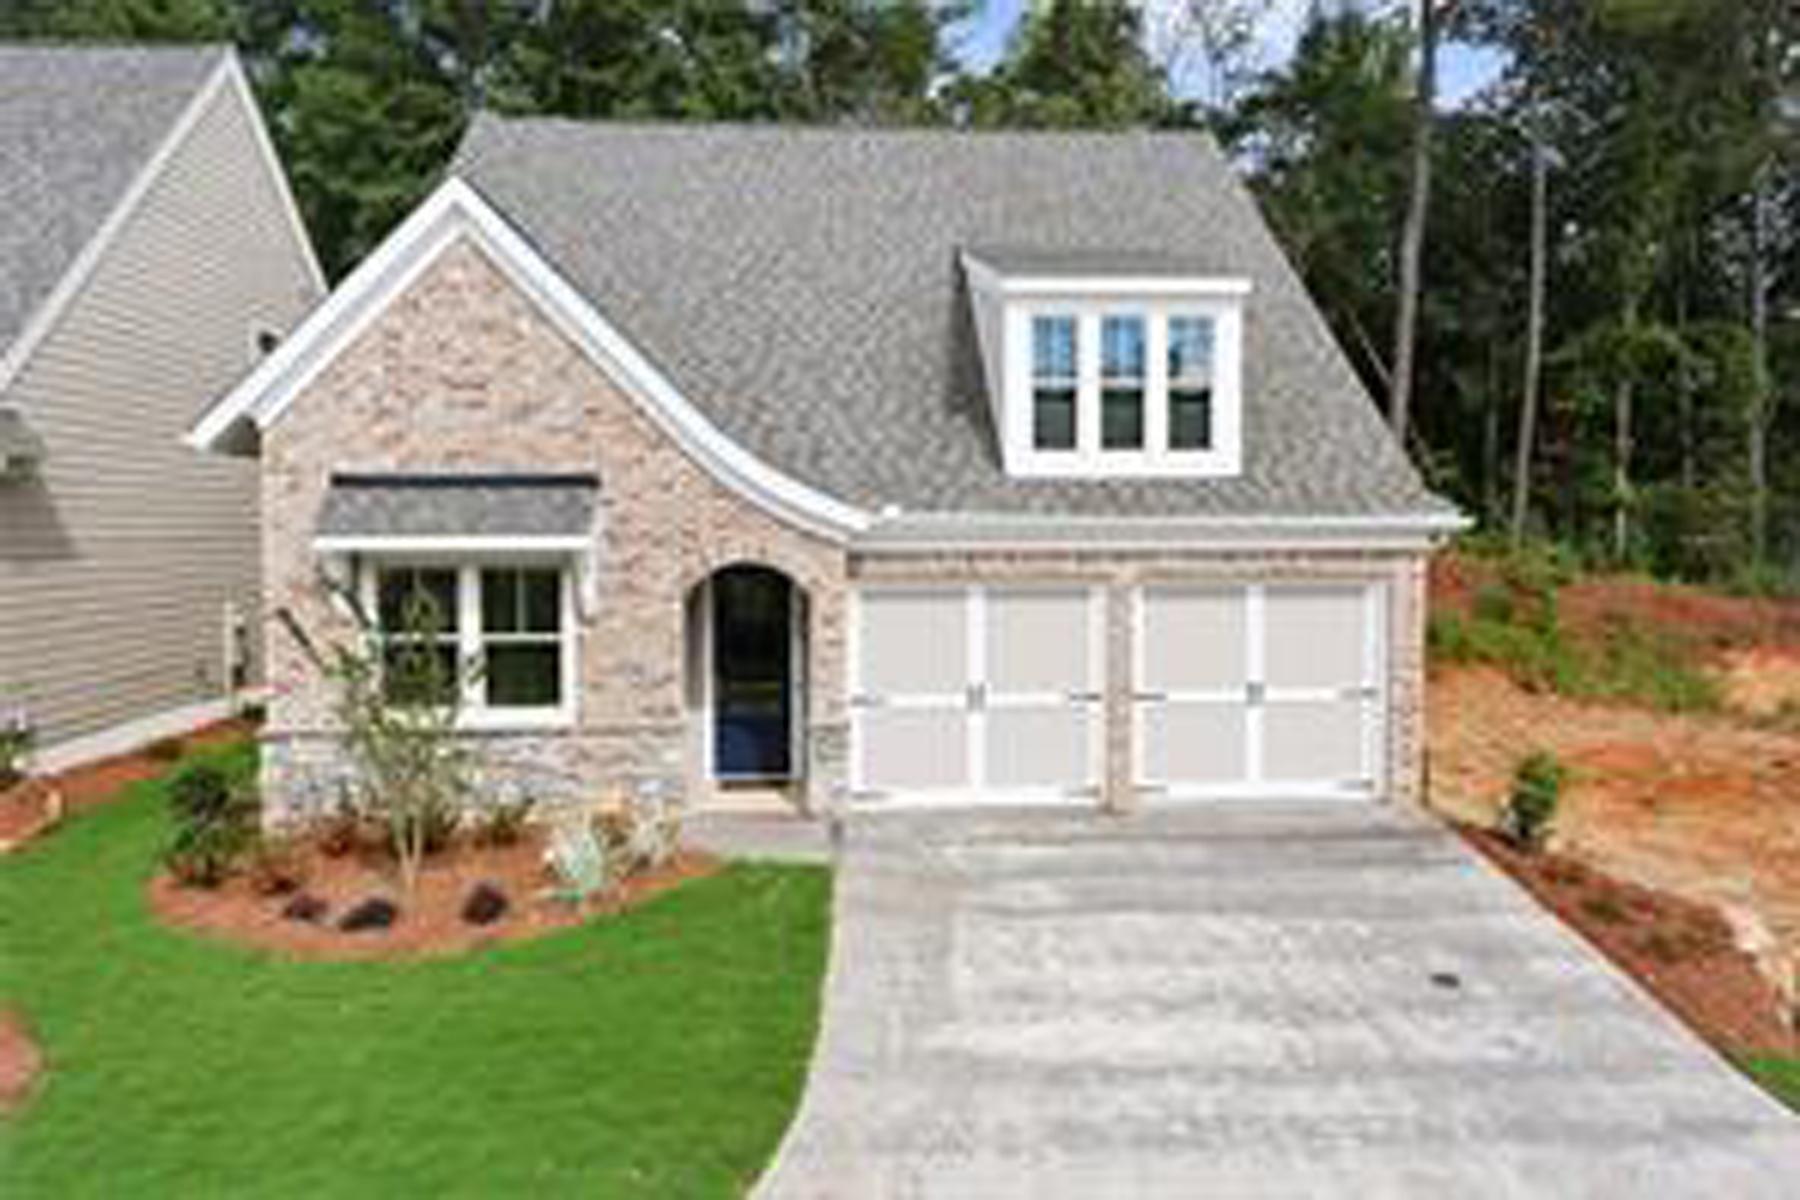 Single Family Homes por un Venta en Active Adult Luxury Home in Woodstock 196 Foxtail Road, Woodstock, Georgia 30188 Estados Unidos